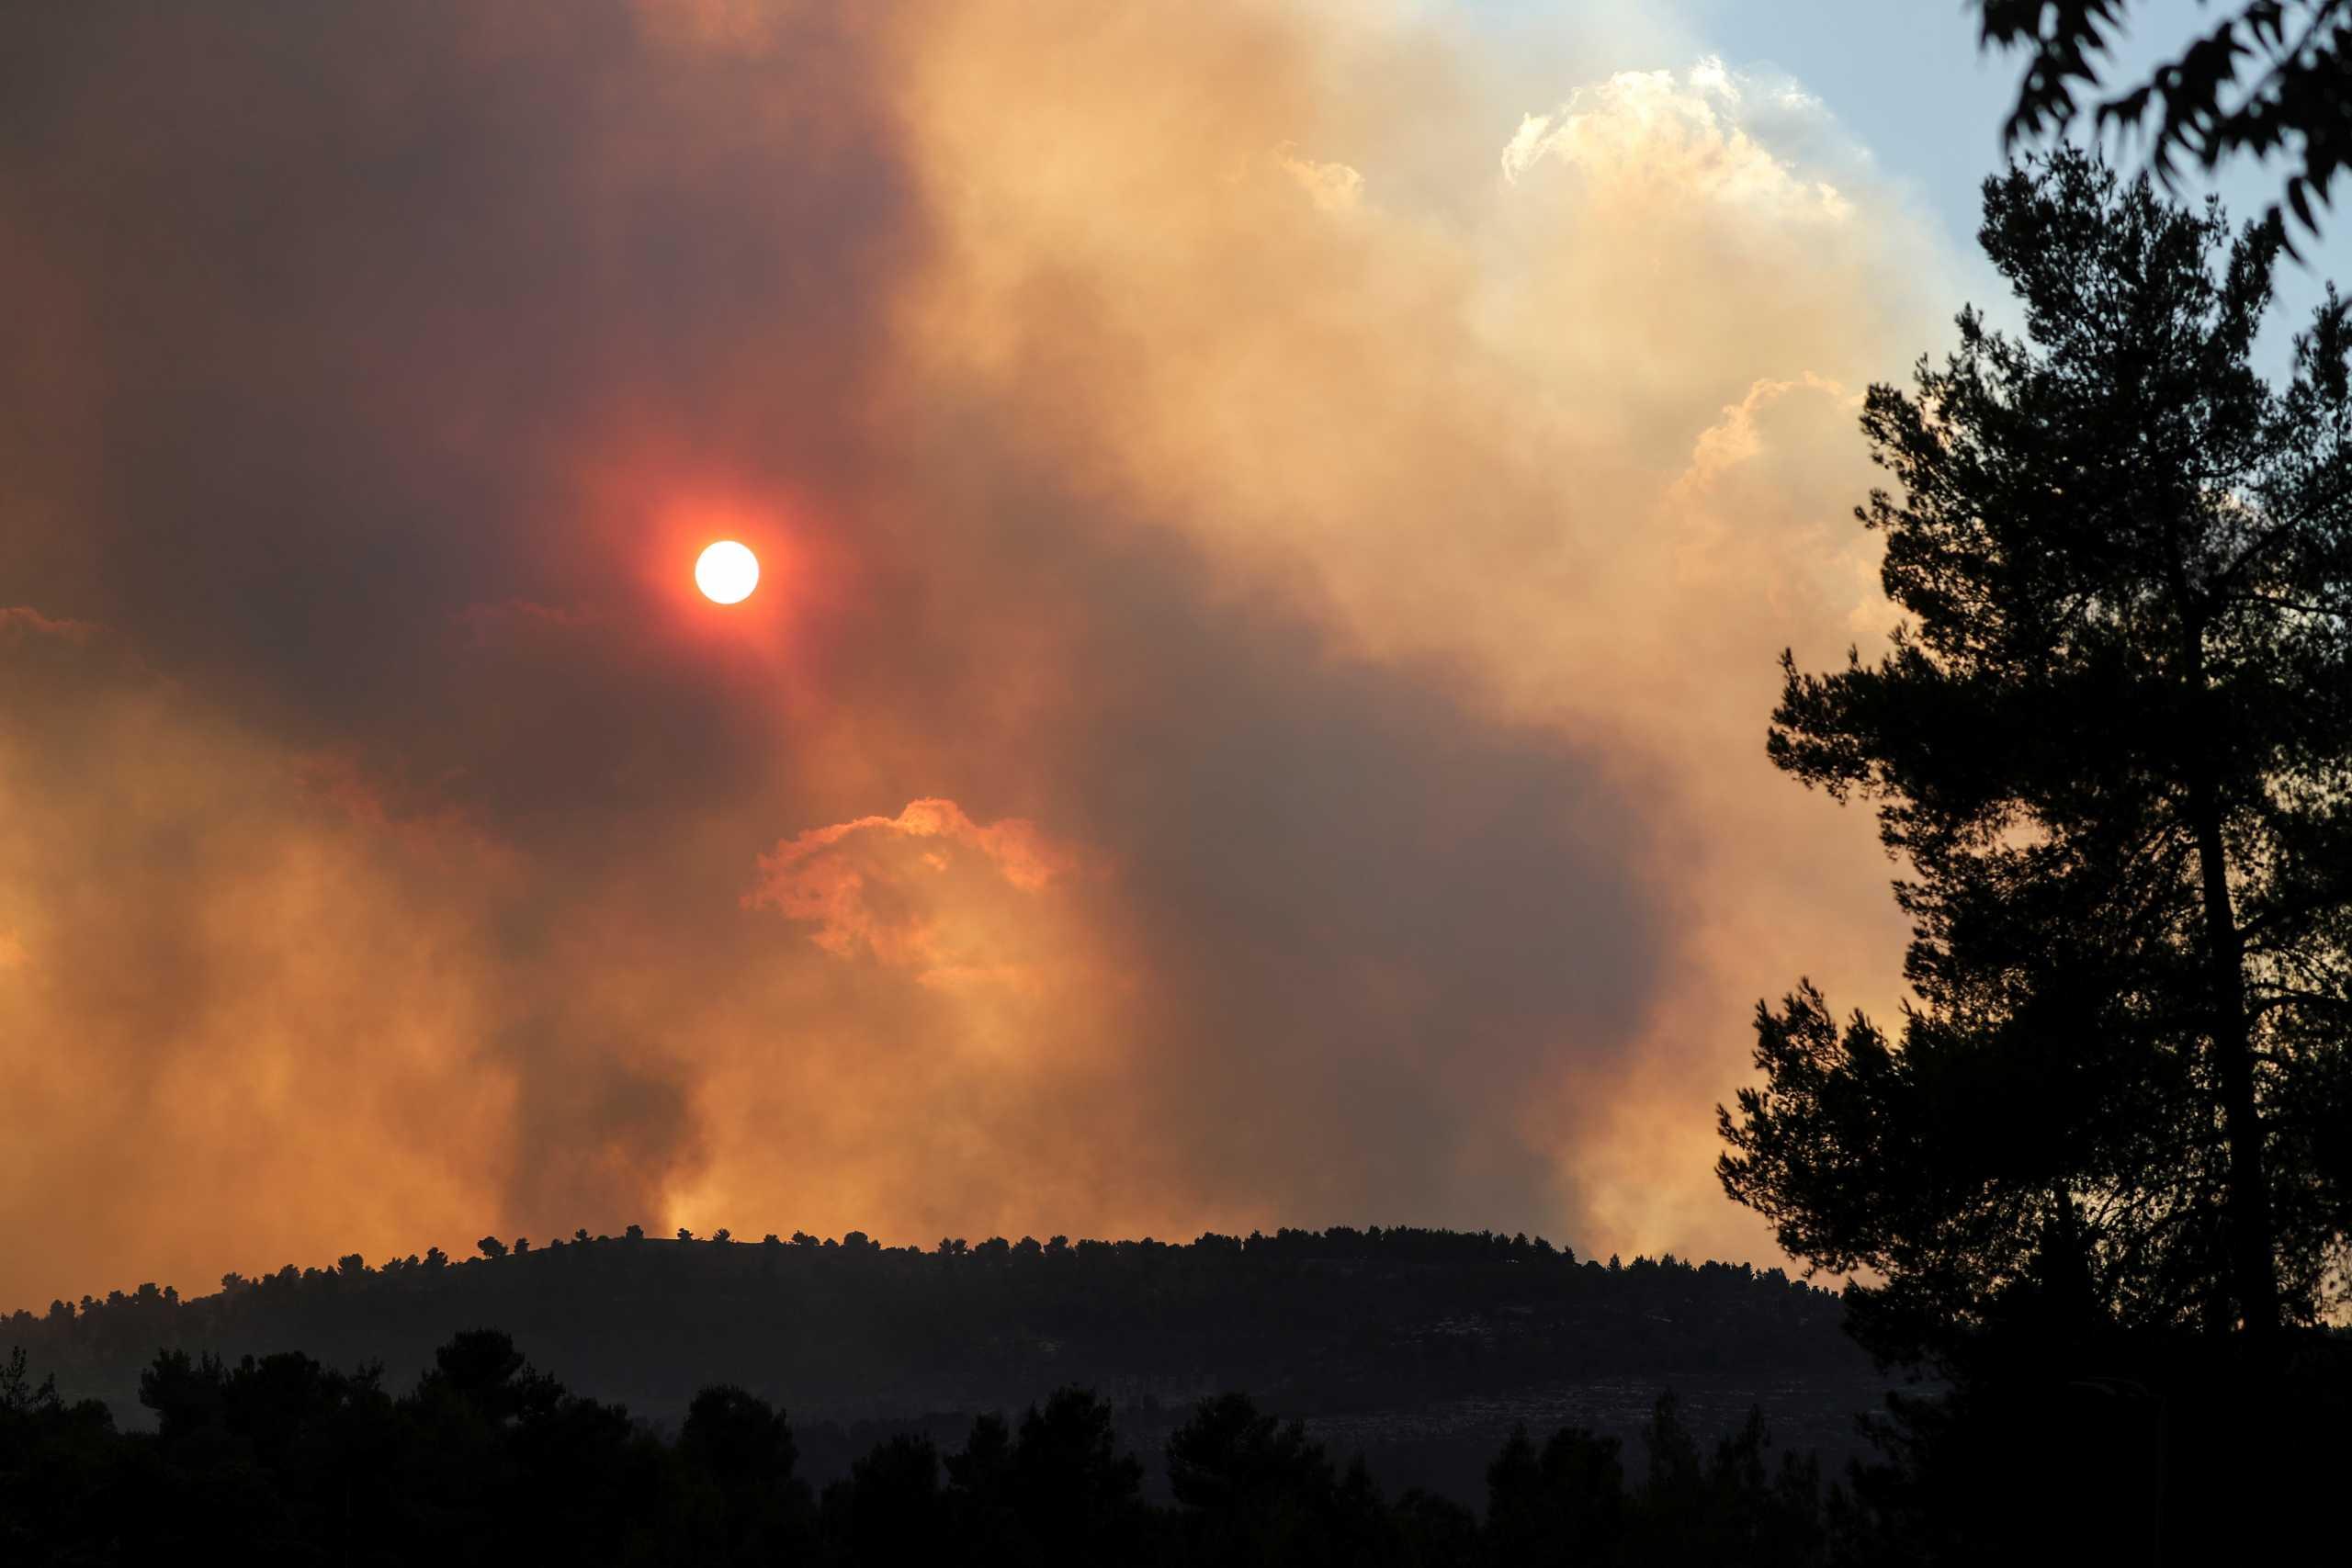 Ισπανία: 1.000 άνθρωποι απομακρύνθηκαν από τα σπίτια τους λόγω της μεγάλης πυρκαγιάς